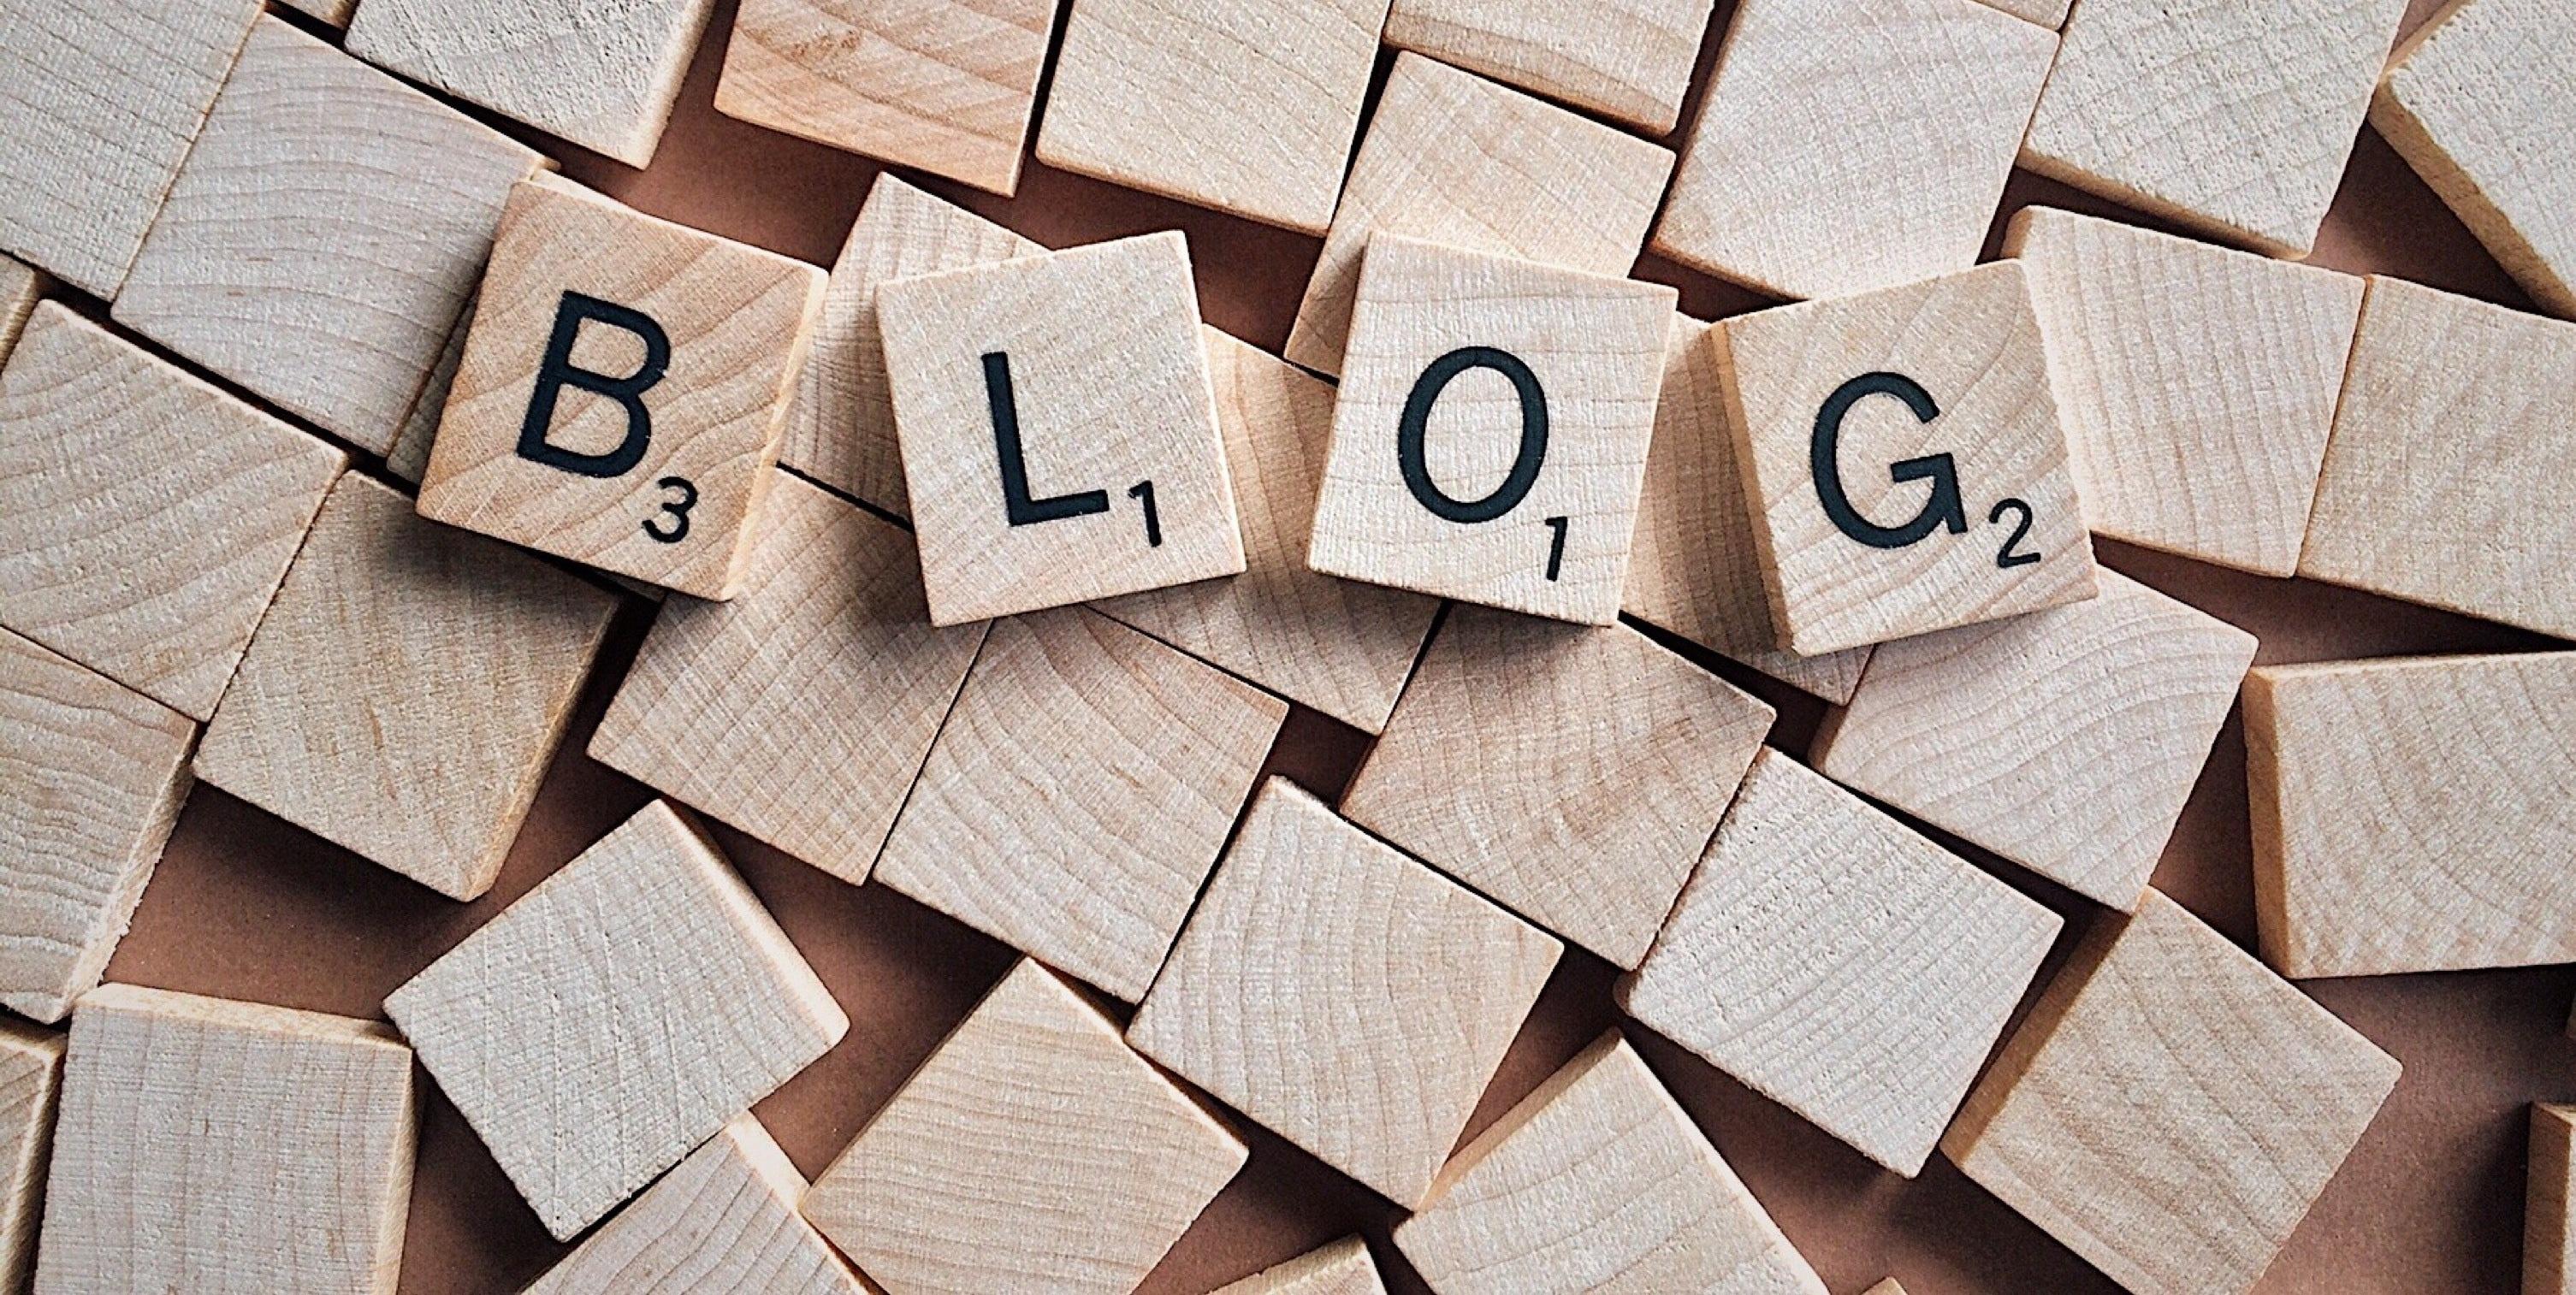 blog-spelt-with-tiles-962891-edited